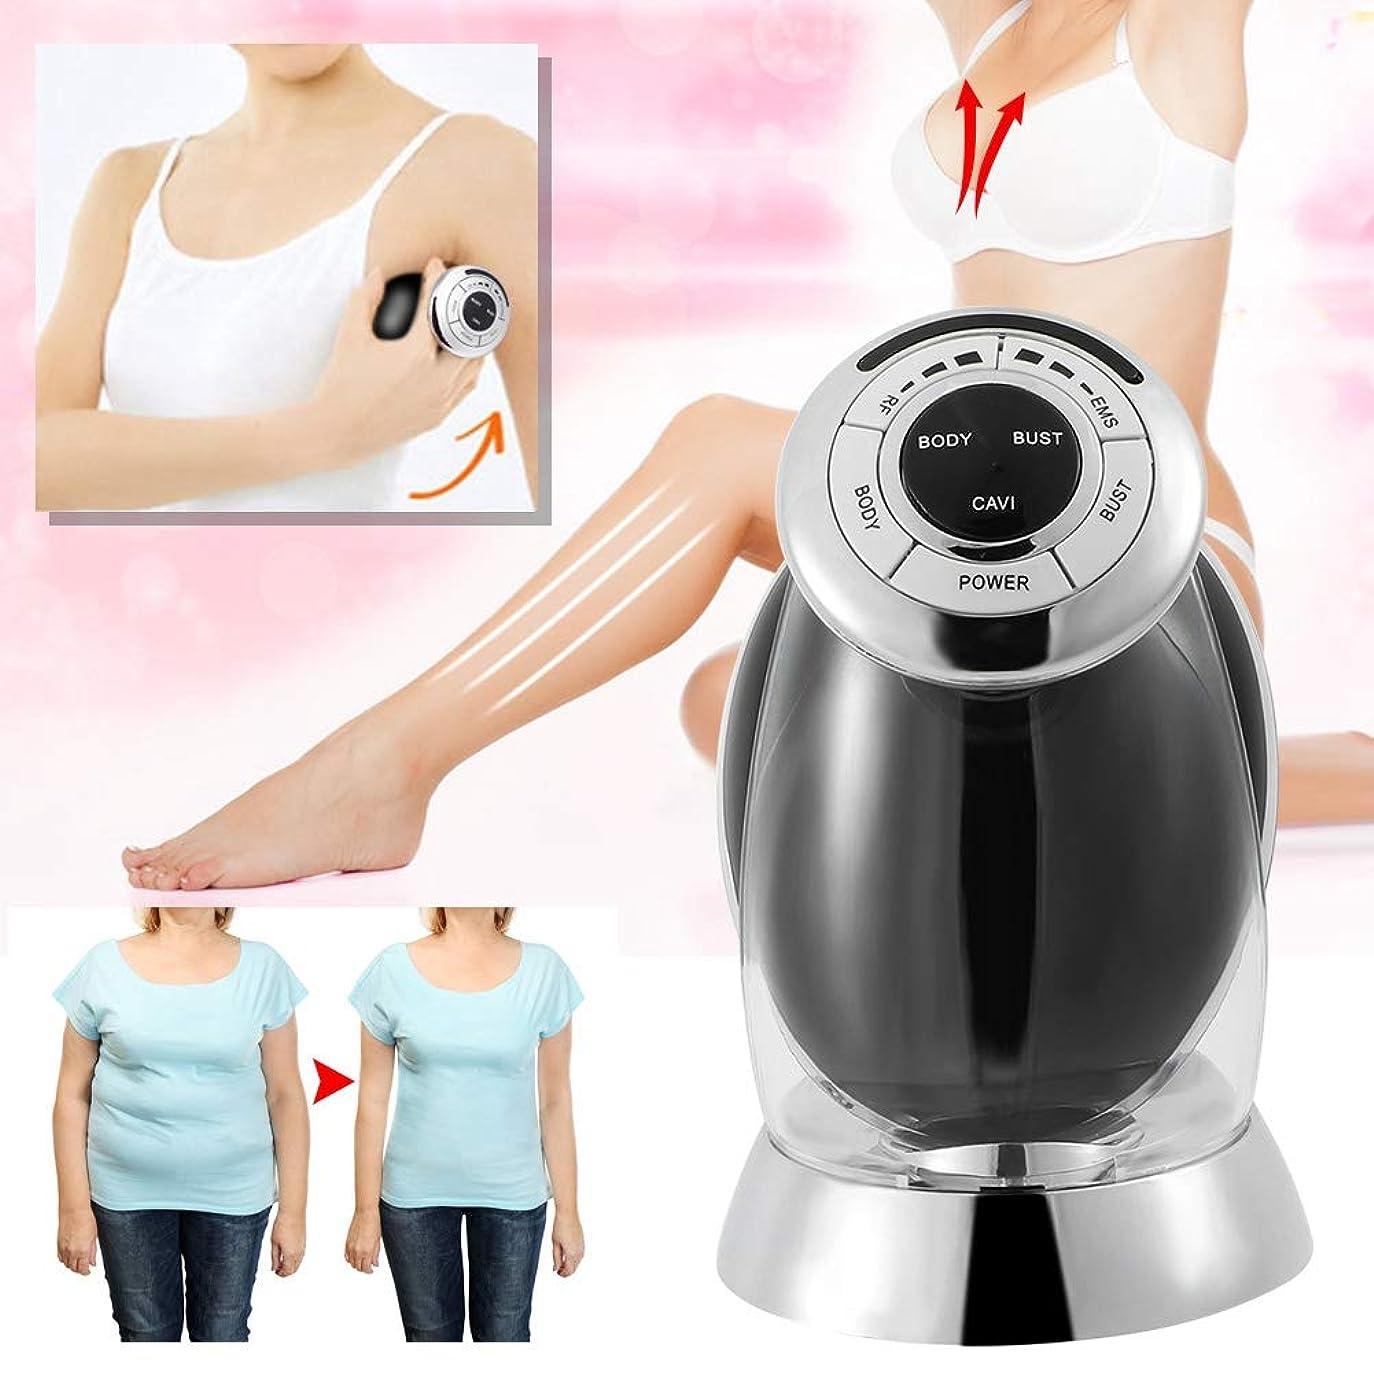 専門化するスキッパー合計胸美容ツール、ボディ痩身マシン、EMS RF脂肪燃焼マシン、痩身ボディ、乳房脂肪美容機器の燃焼用(UK)